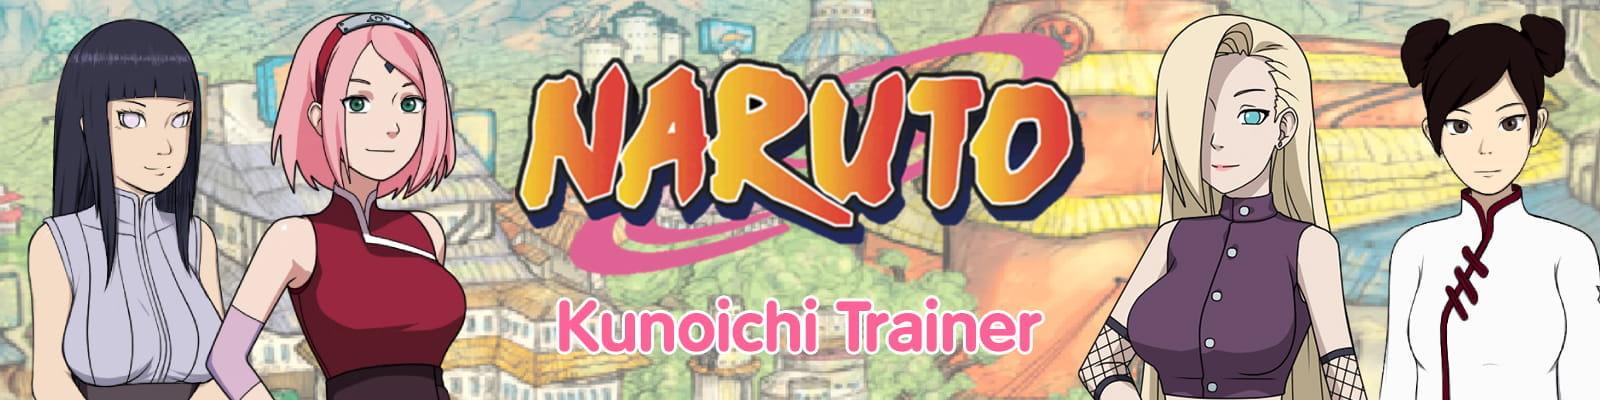 Game naruto xxx Void Club: